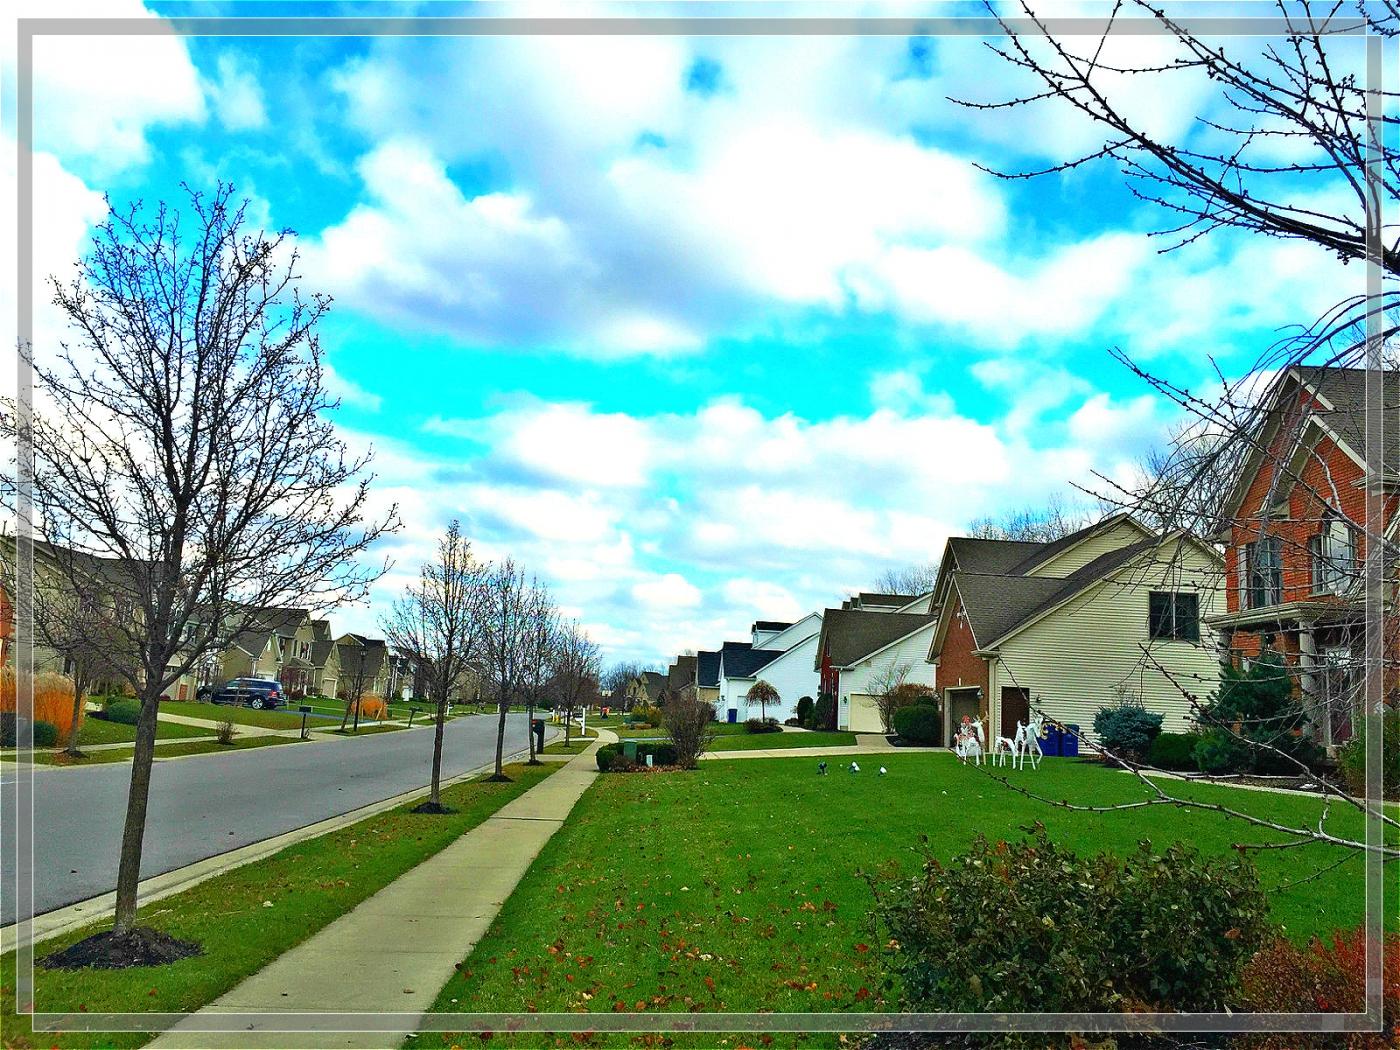 4格照片---蓝蓝的天空白云飘_图1-4